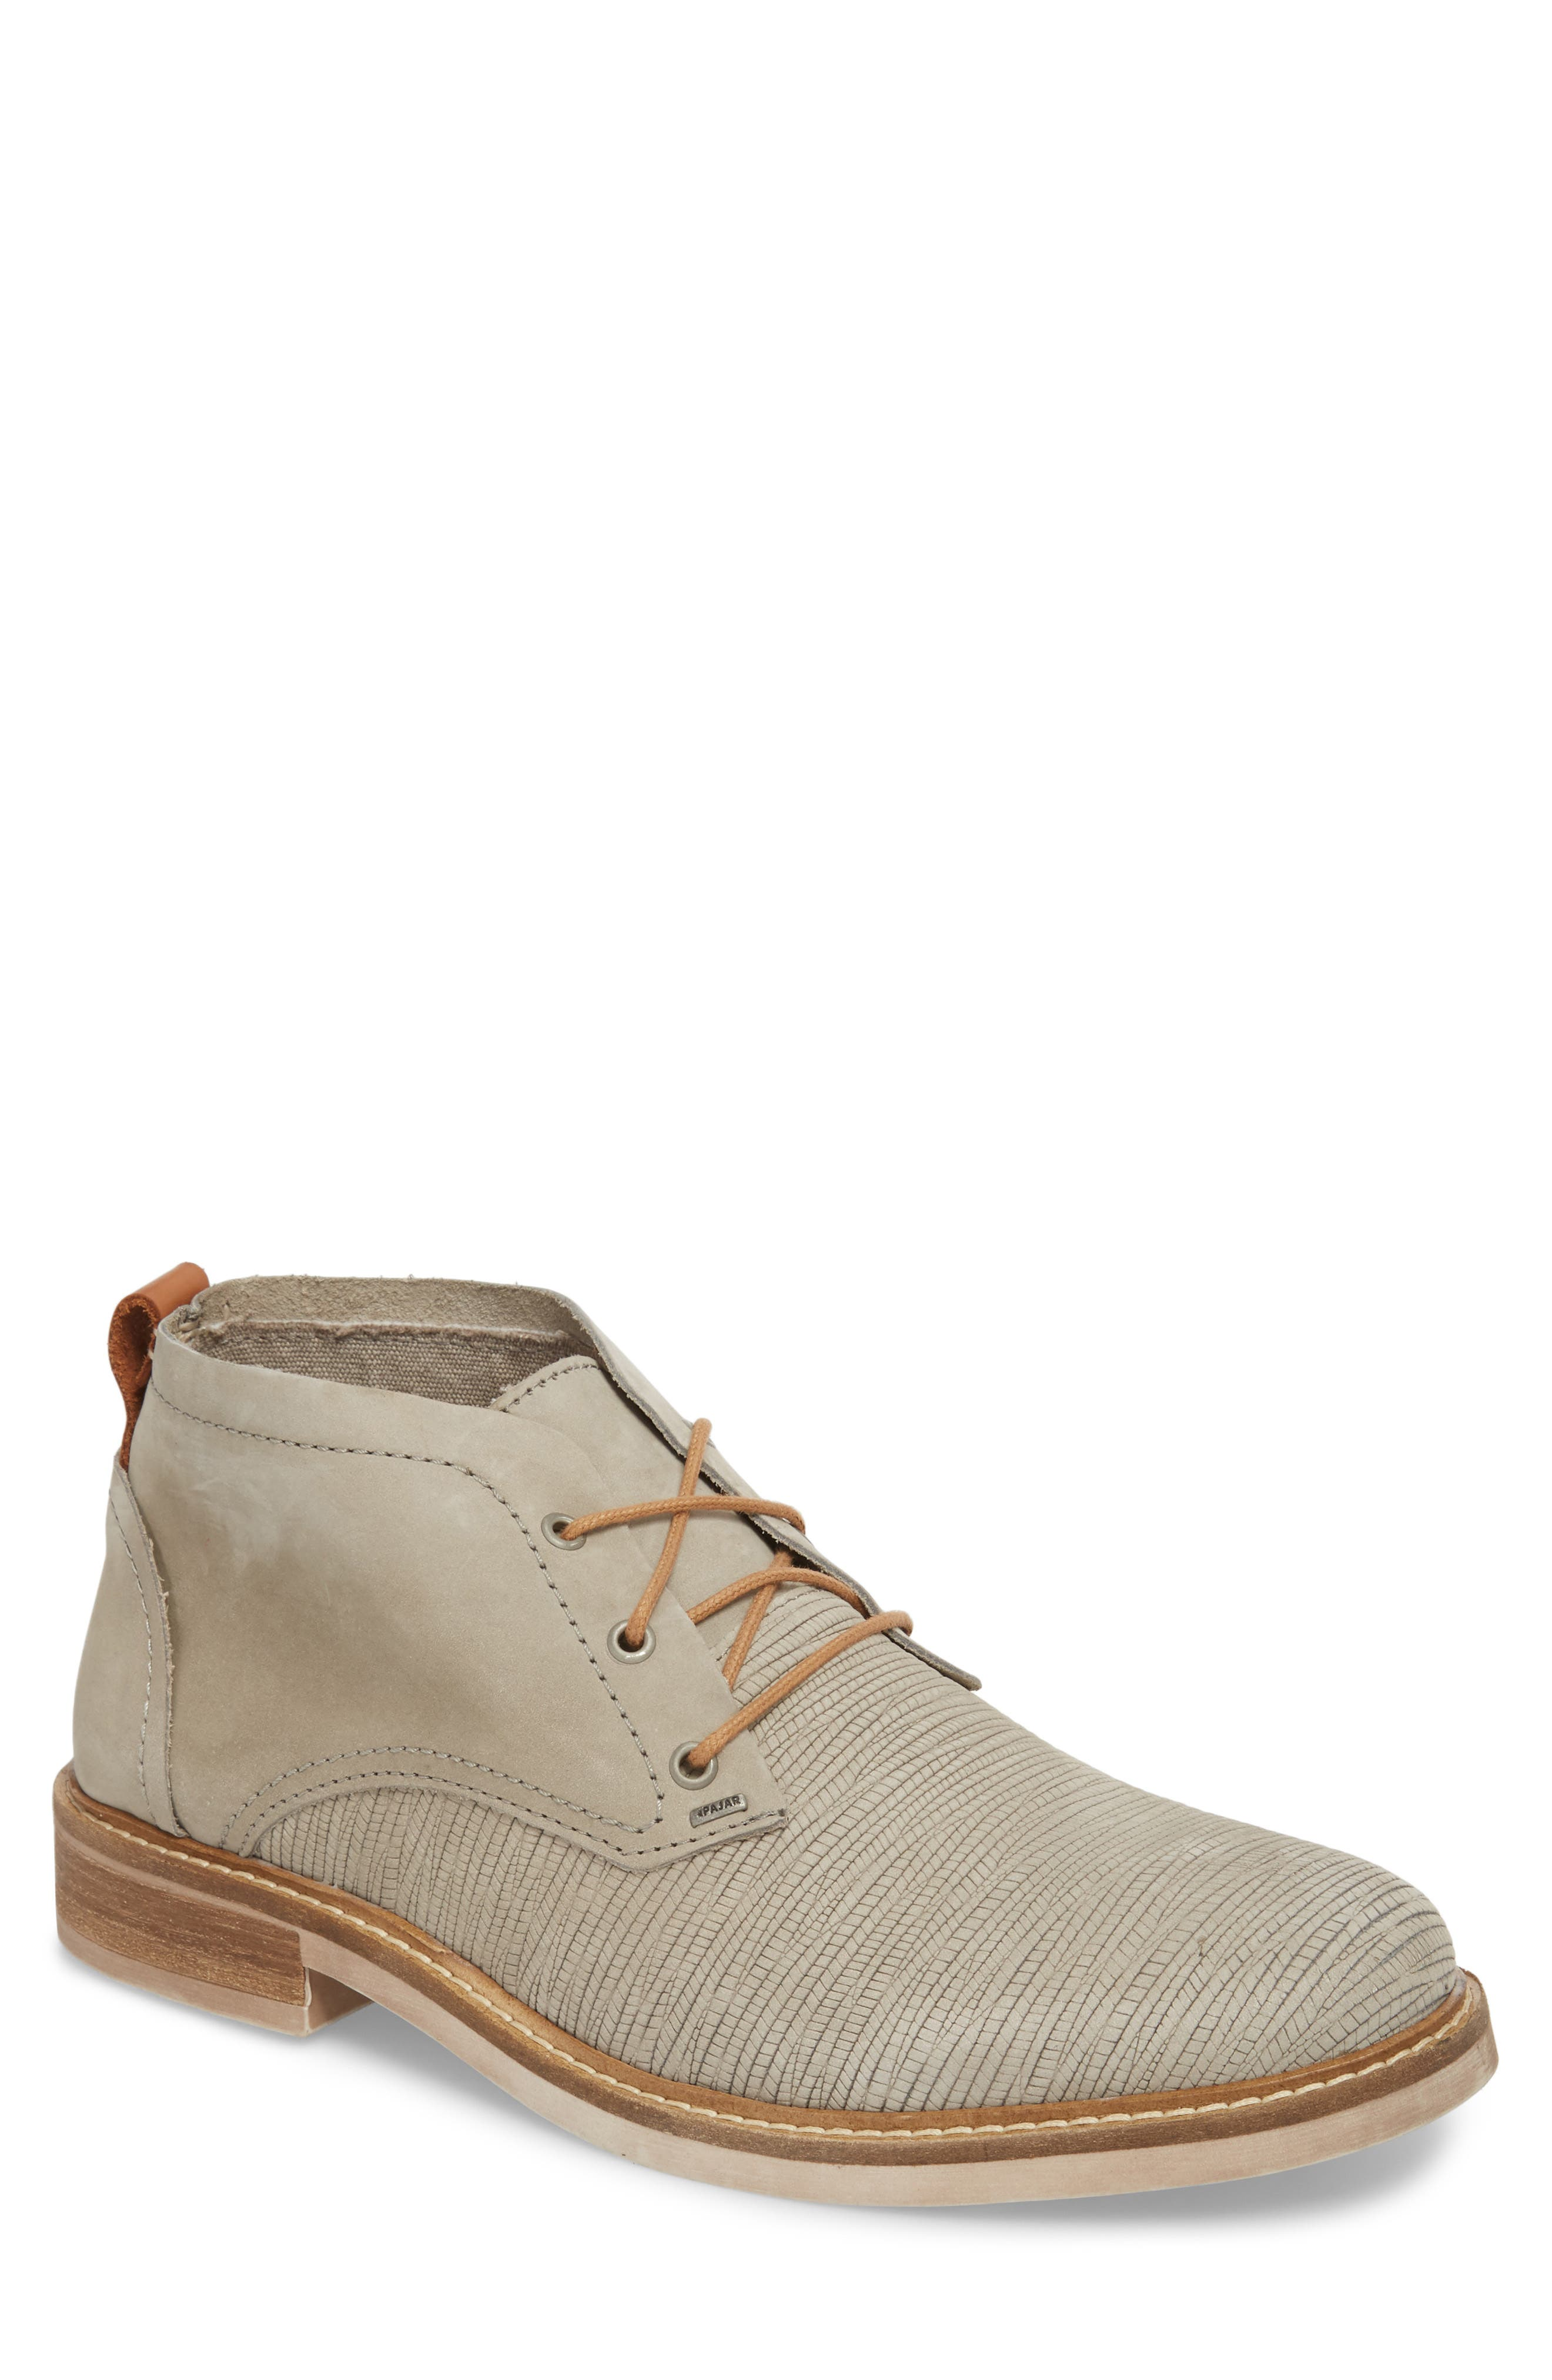 Mojave Chukka Boot,                         Main,                         color, 180